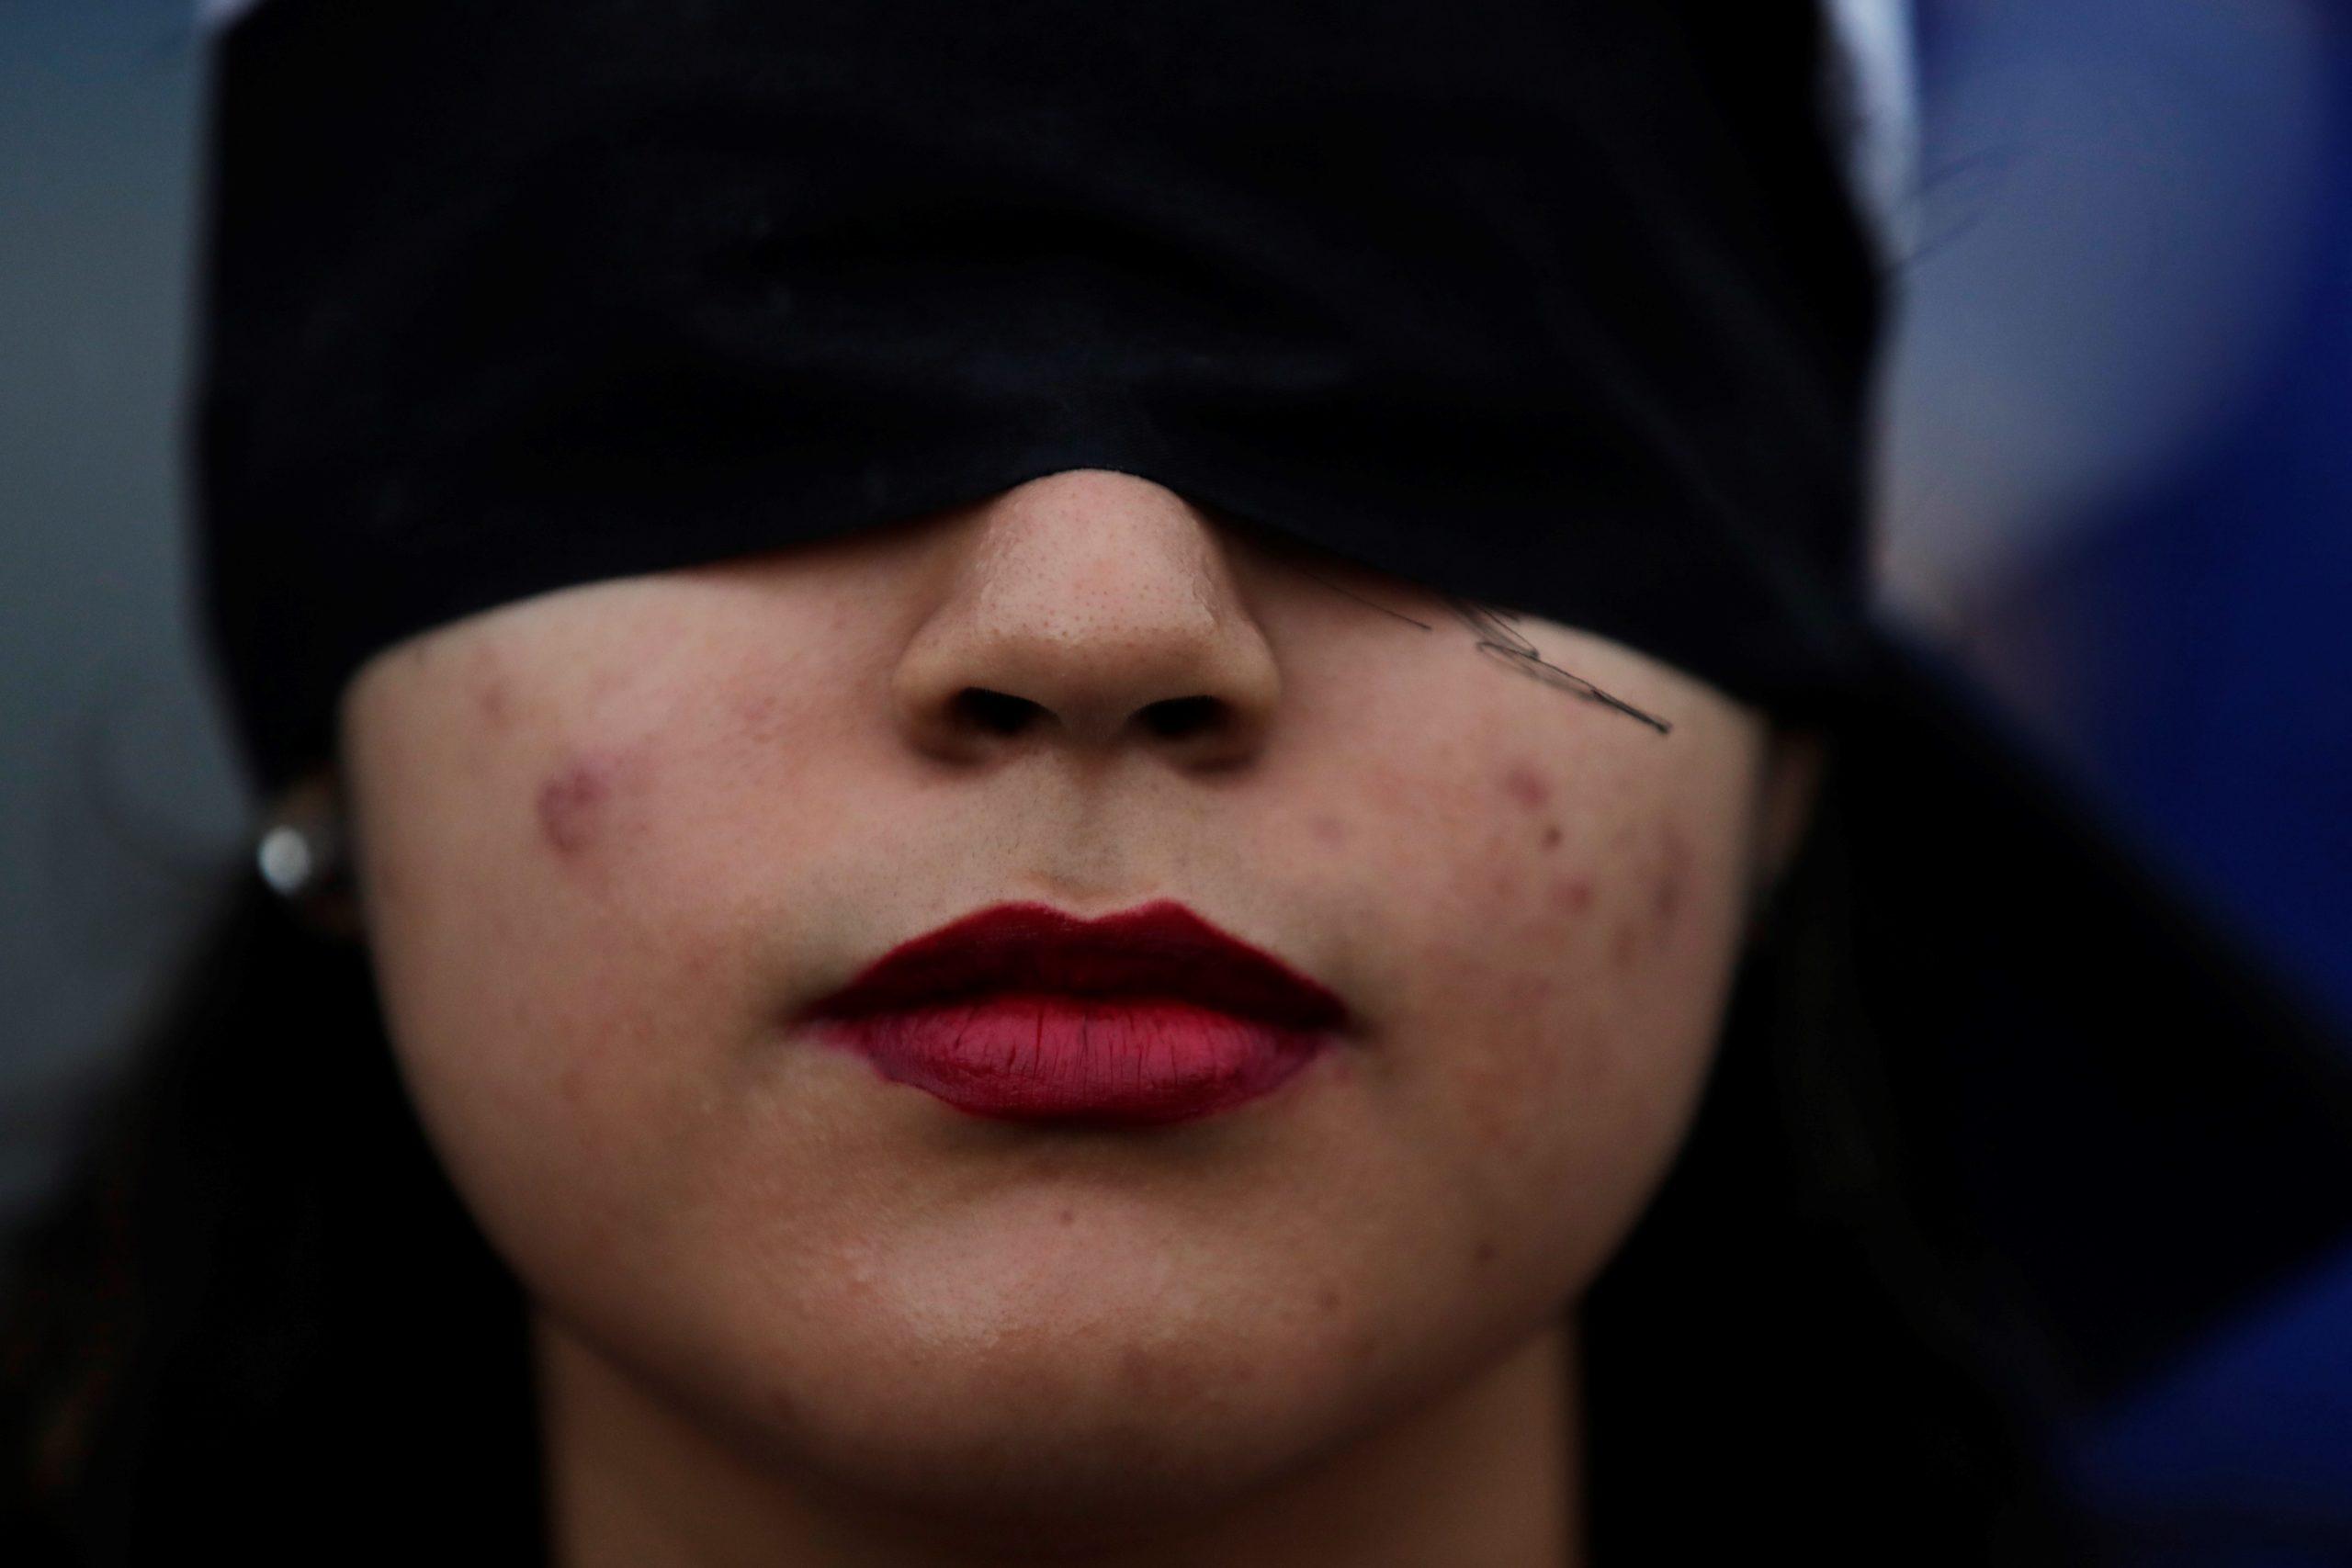 """Protesta replica en Panamá coreografía chilena """"Un violador en tu camino"""""""